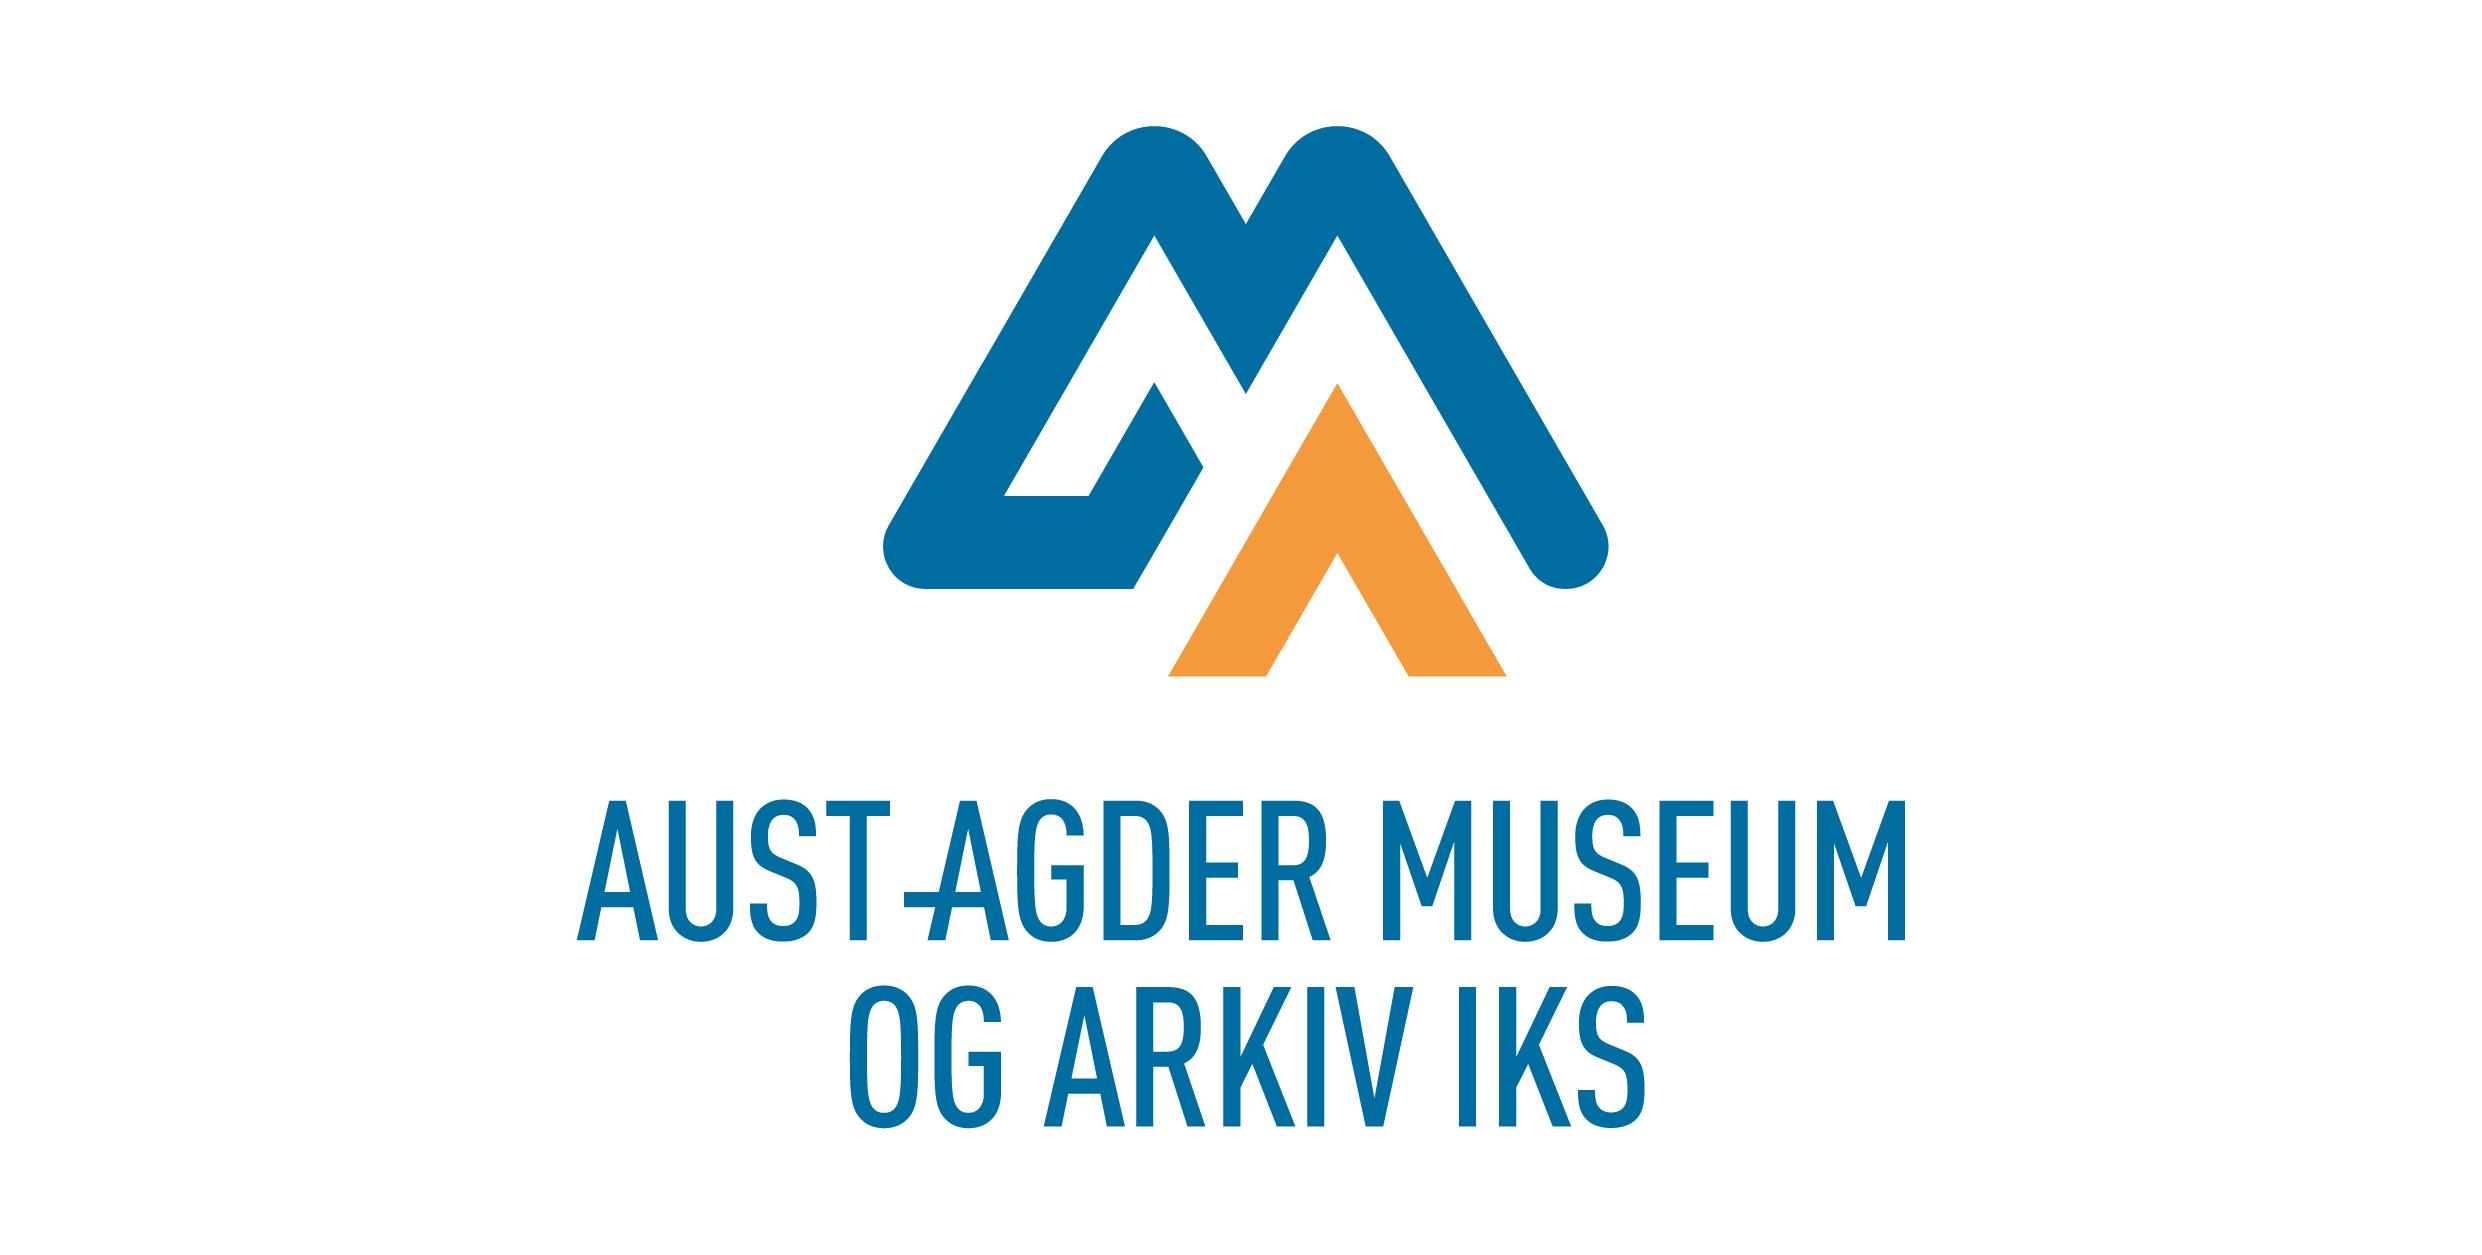 Aust-Agder museum og arkiv, avd. KUBEN